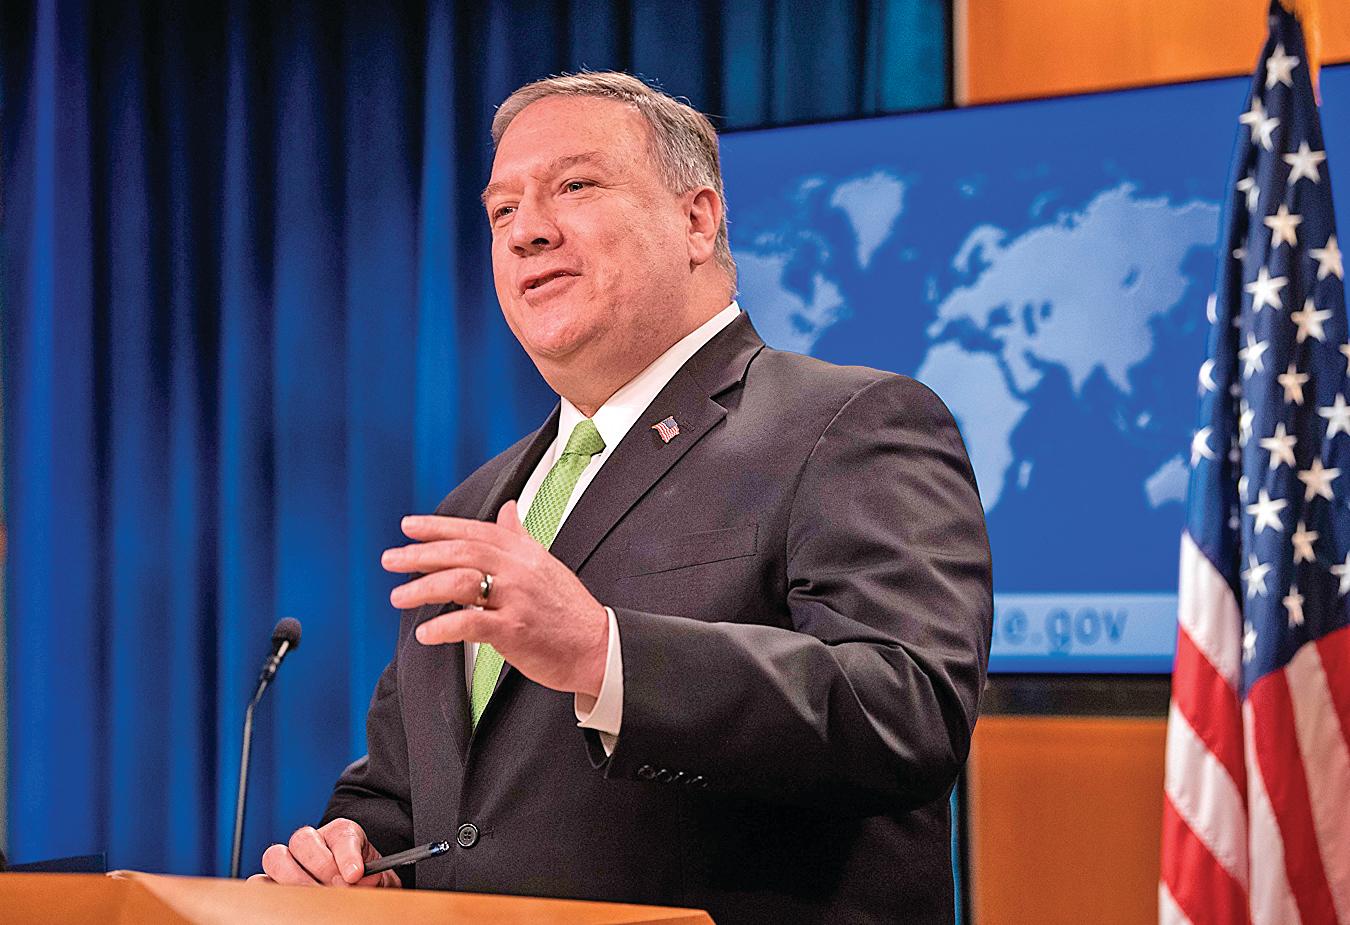 美國國務卿蓬佩奧(Mike Pempeo)表示,美方在剛結束的中美外交官員會晤上一直在強調,「聽中國共產黨說是不夠的。我們要看到他們的行動。」(AFP)